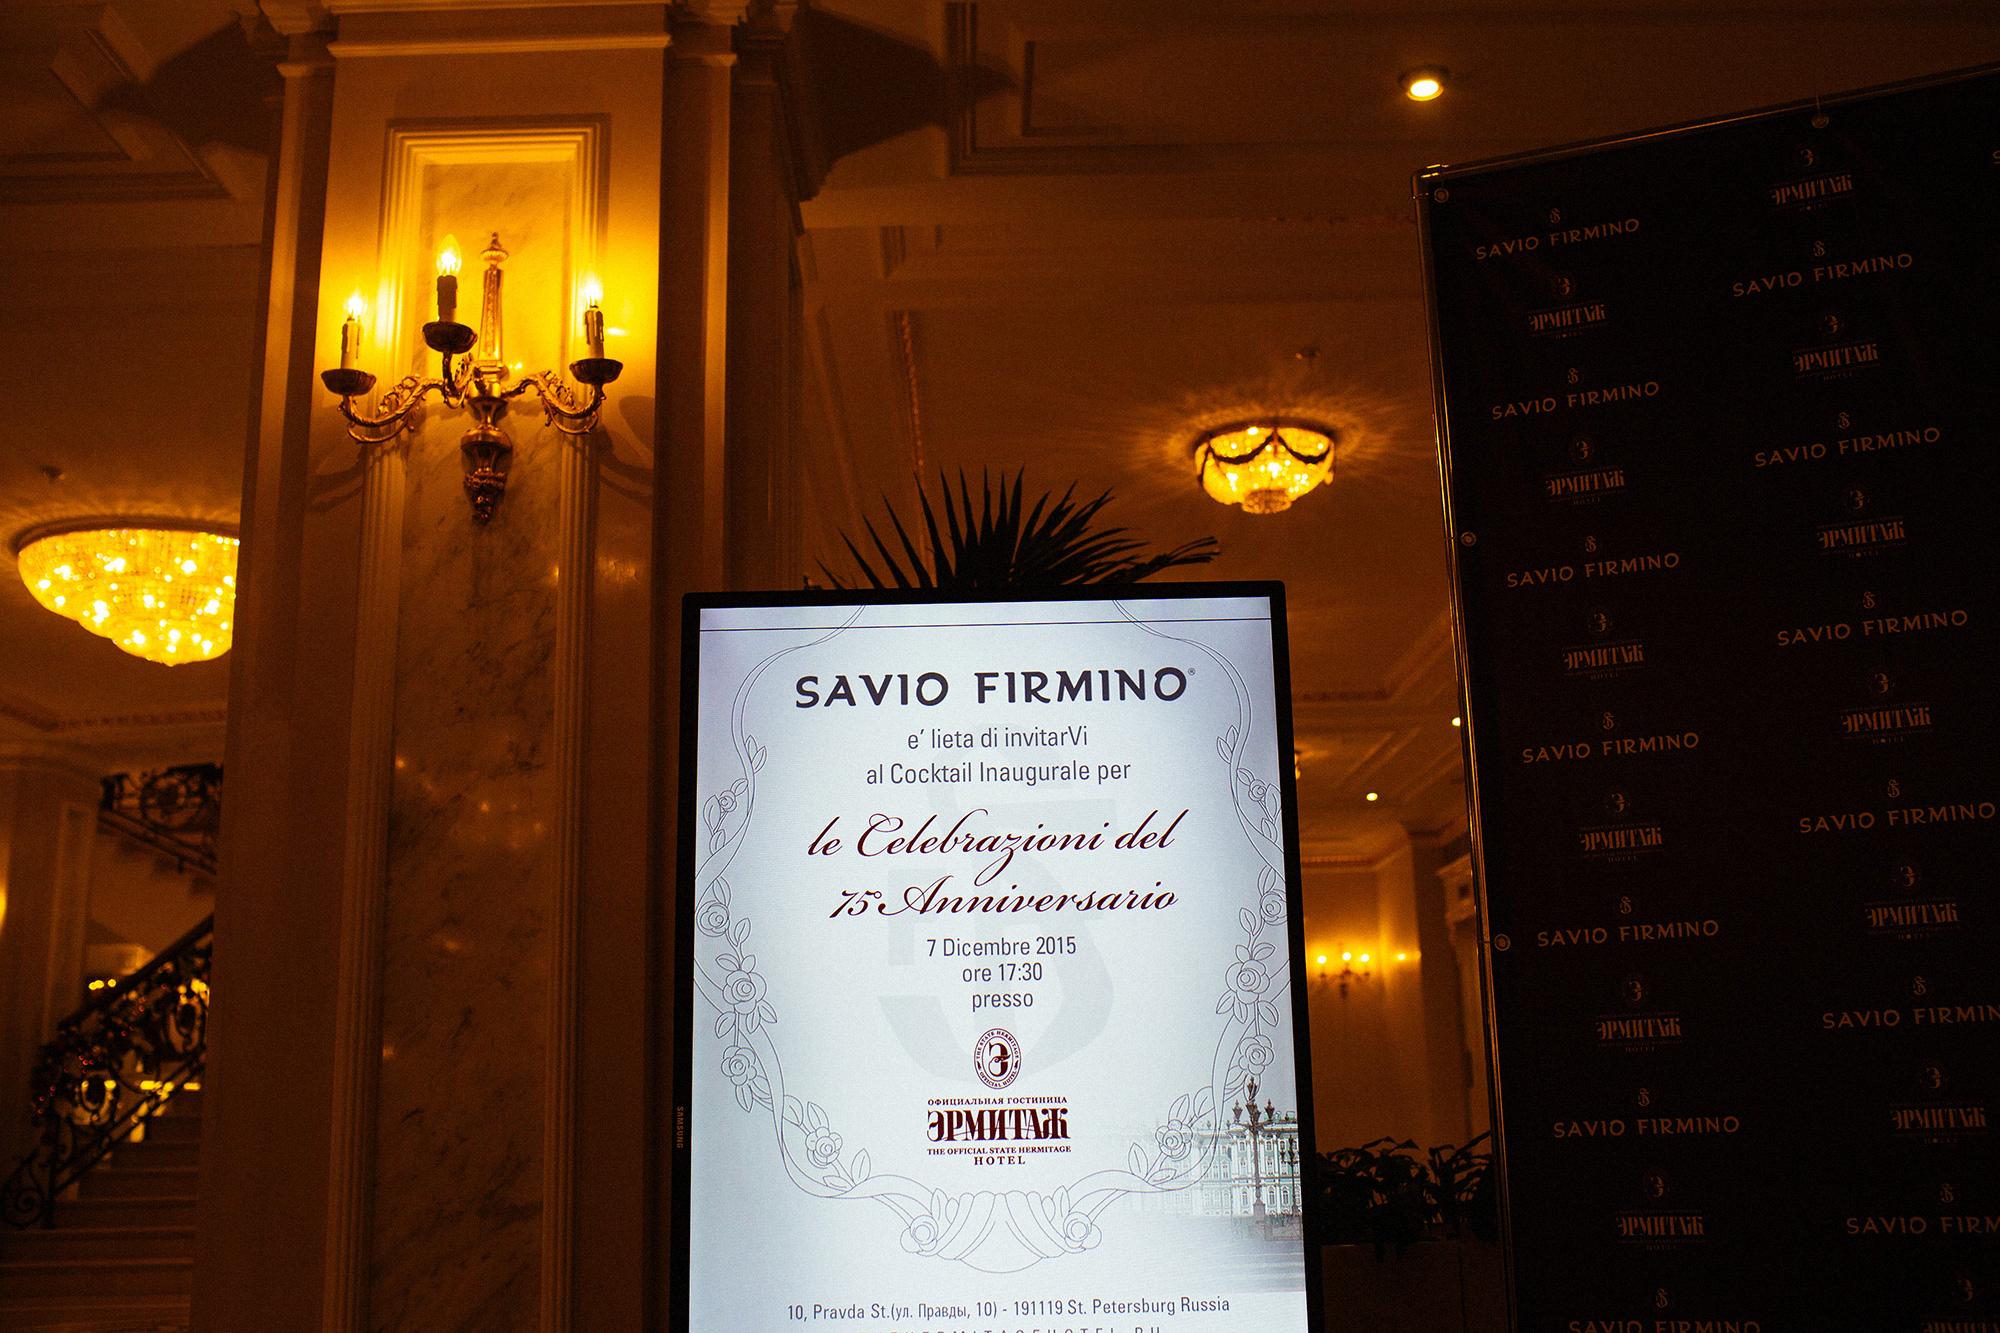 Юбилей компании Savio Firmino. Репортаж